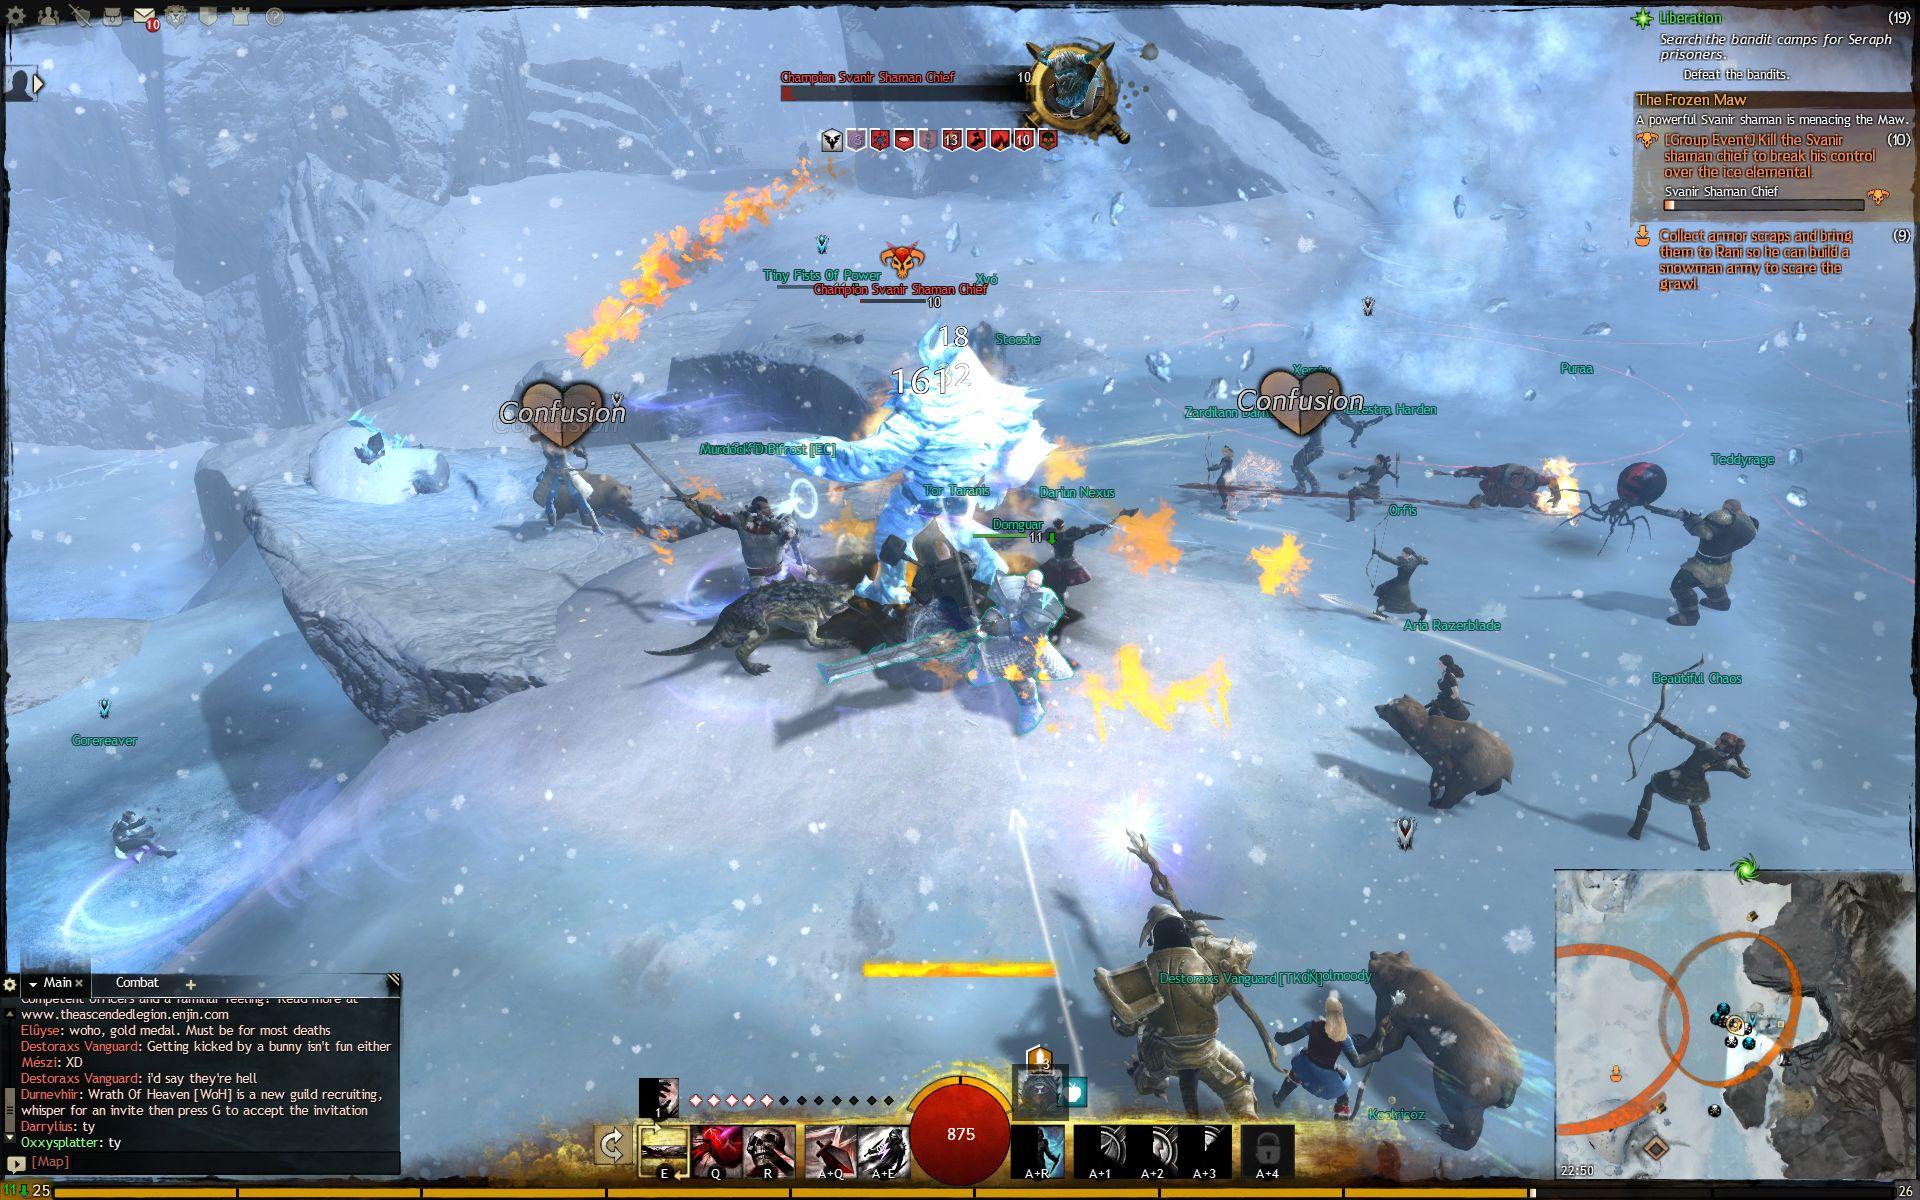 Китайские хакеры похитили данные 11 000 игроков в Guild Wars 2. - Изображение 1